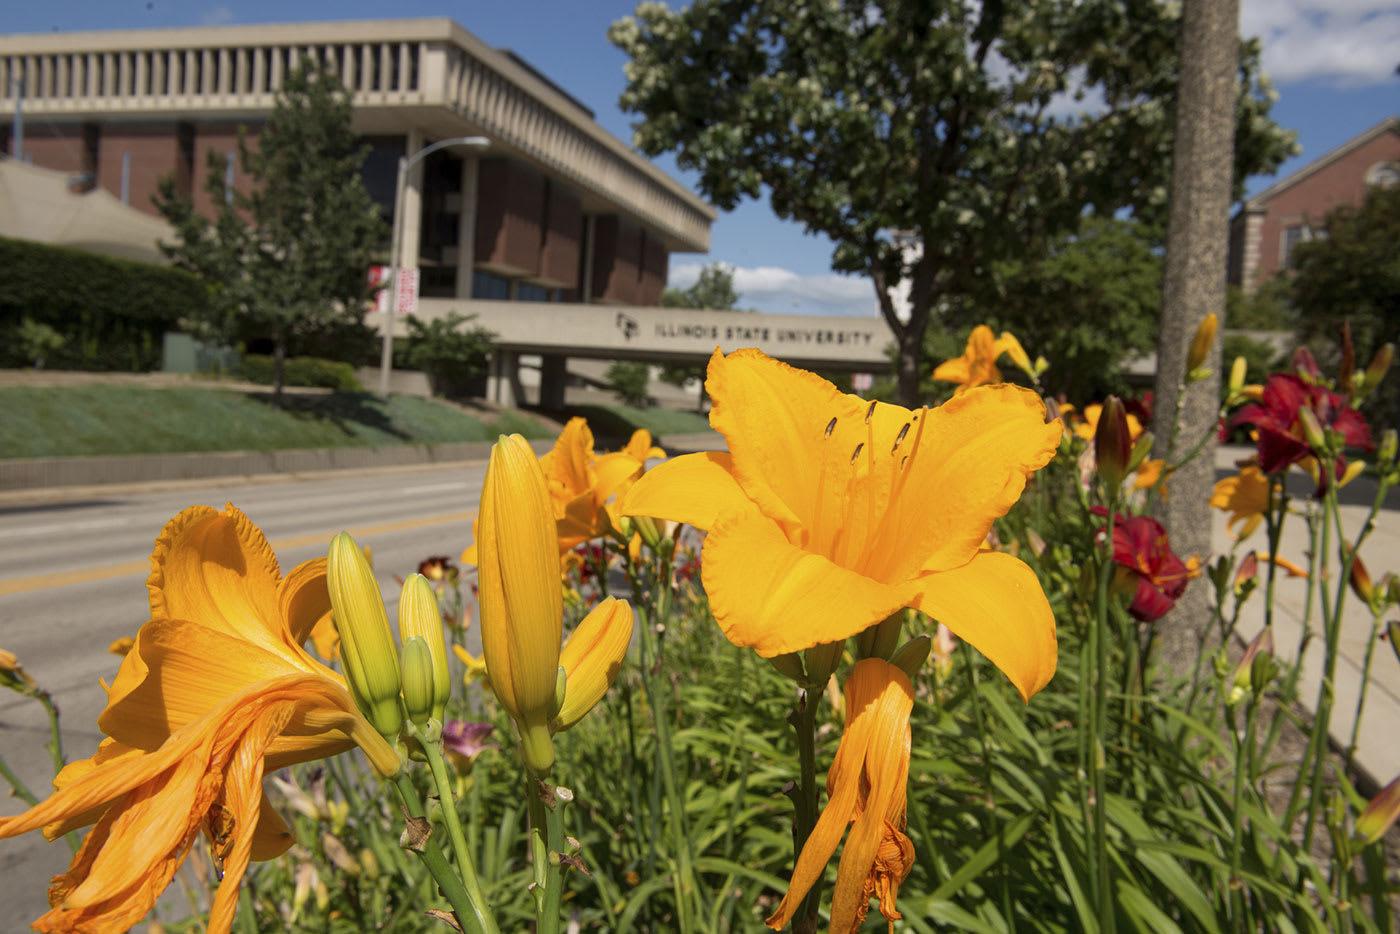 ISU campus flowers